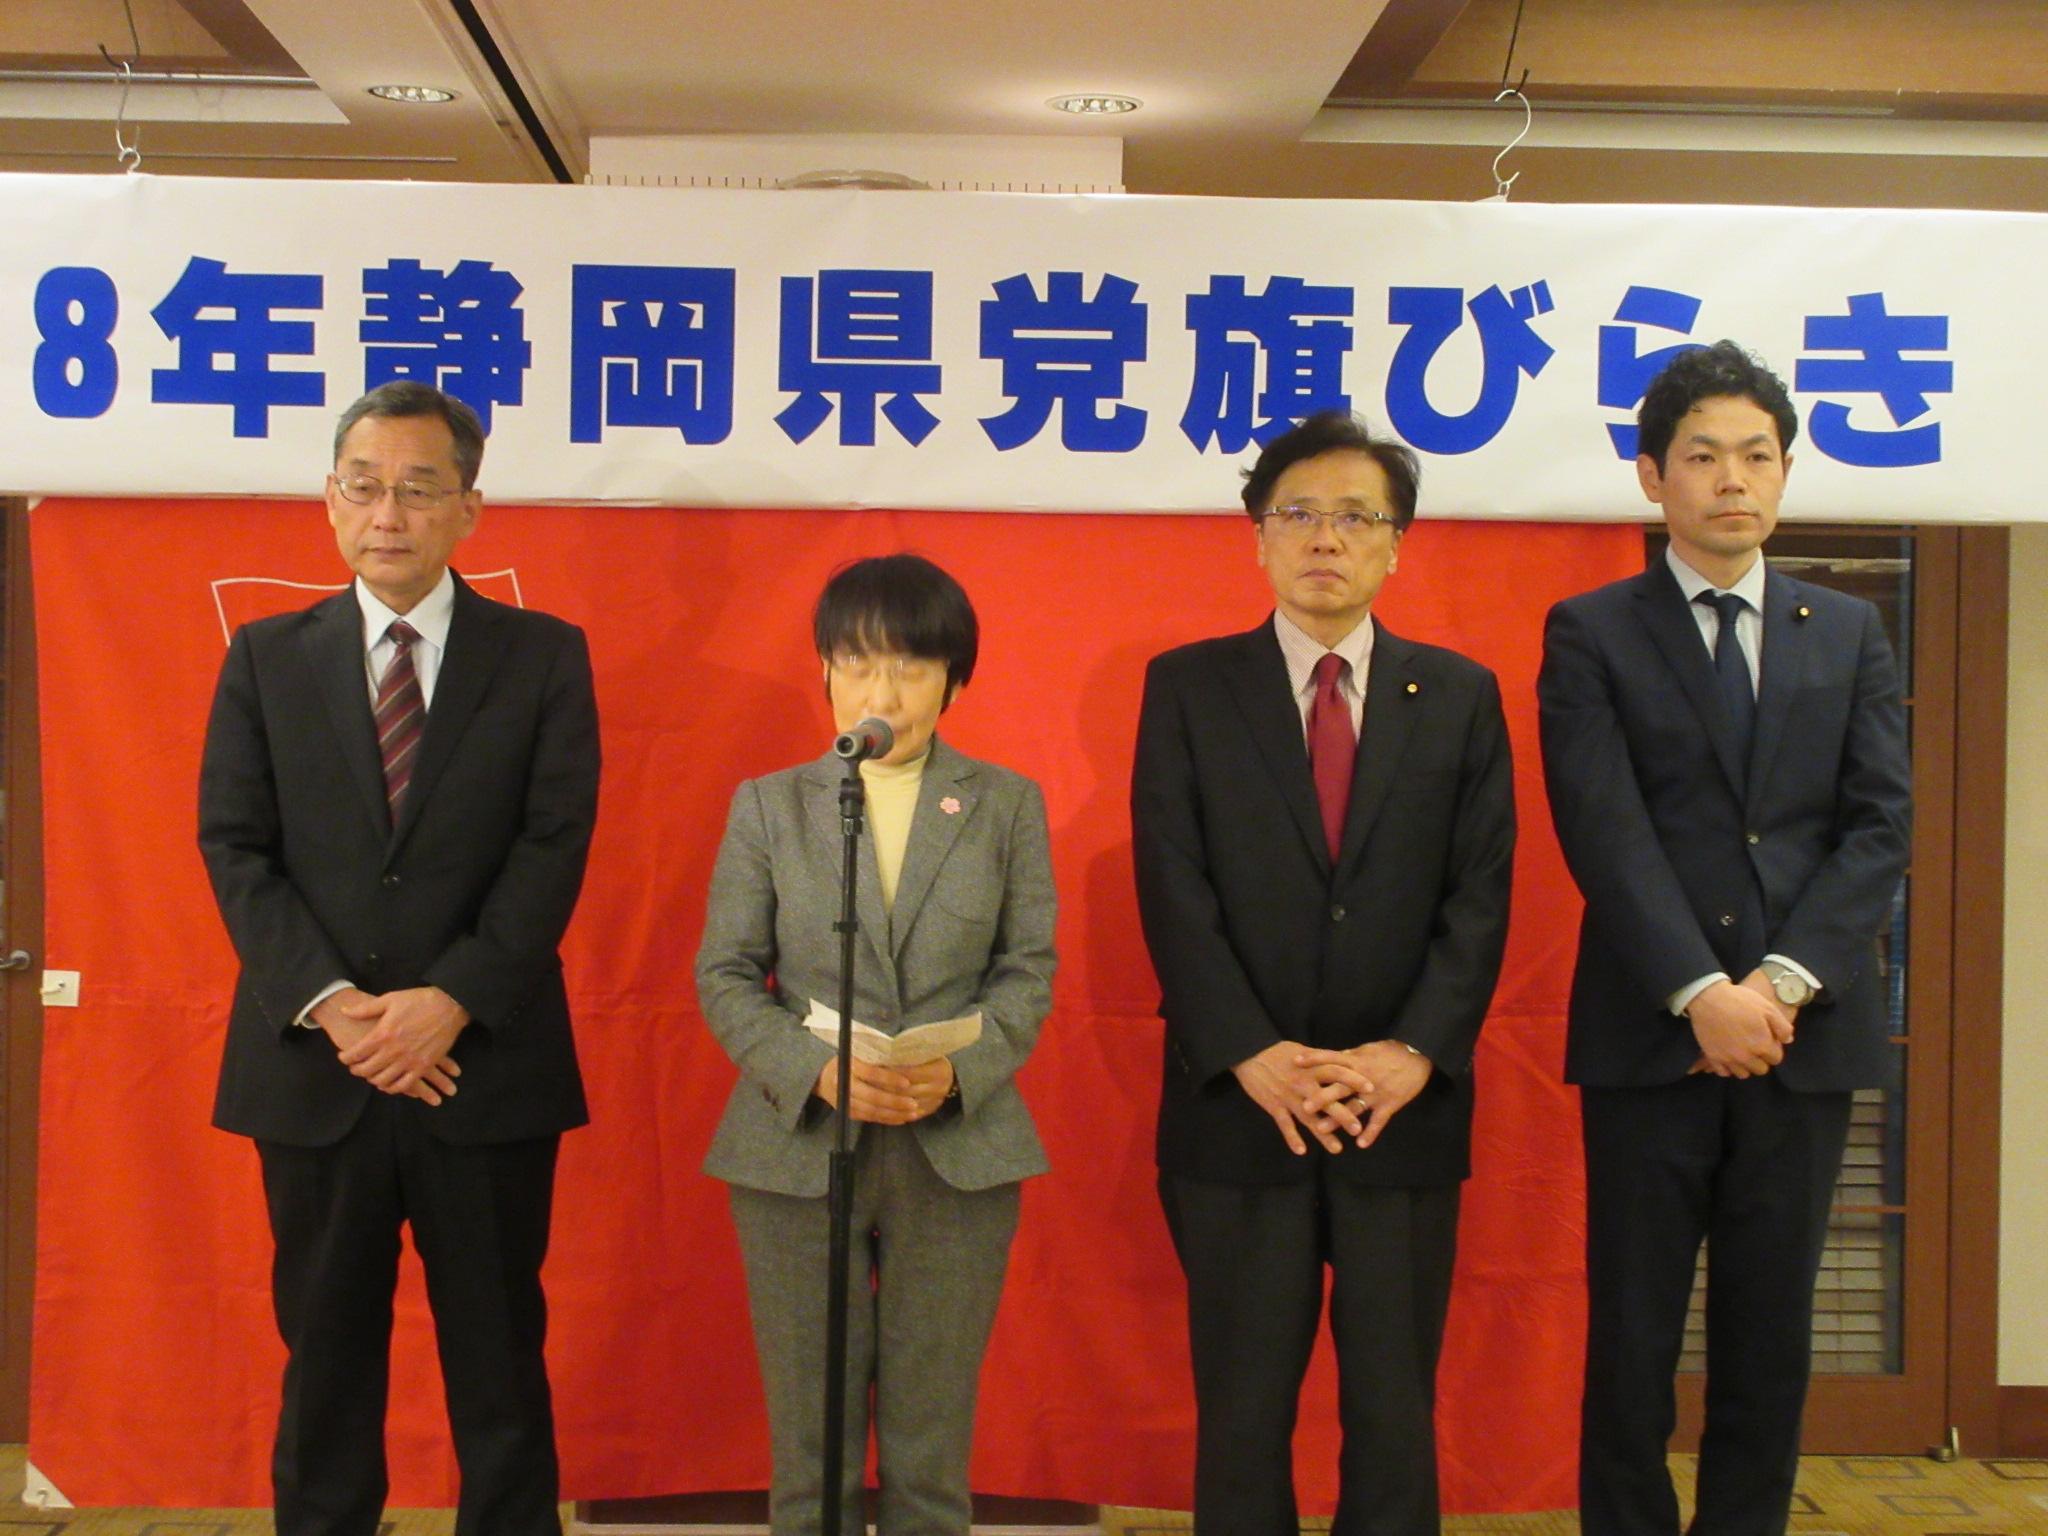 http://www.inoue-satoshi.com/diary/%E9%9D%99%E5%B2%A1%E6%97%97%E9%96%8B%E3%81%8D.JPG